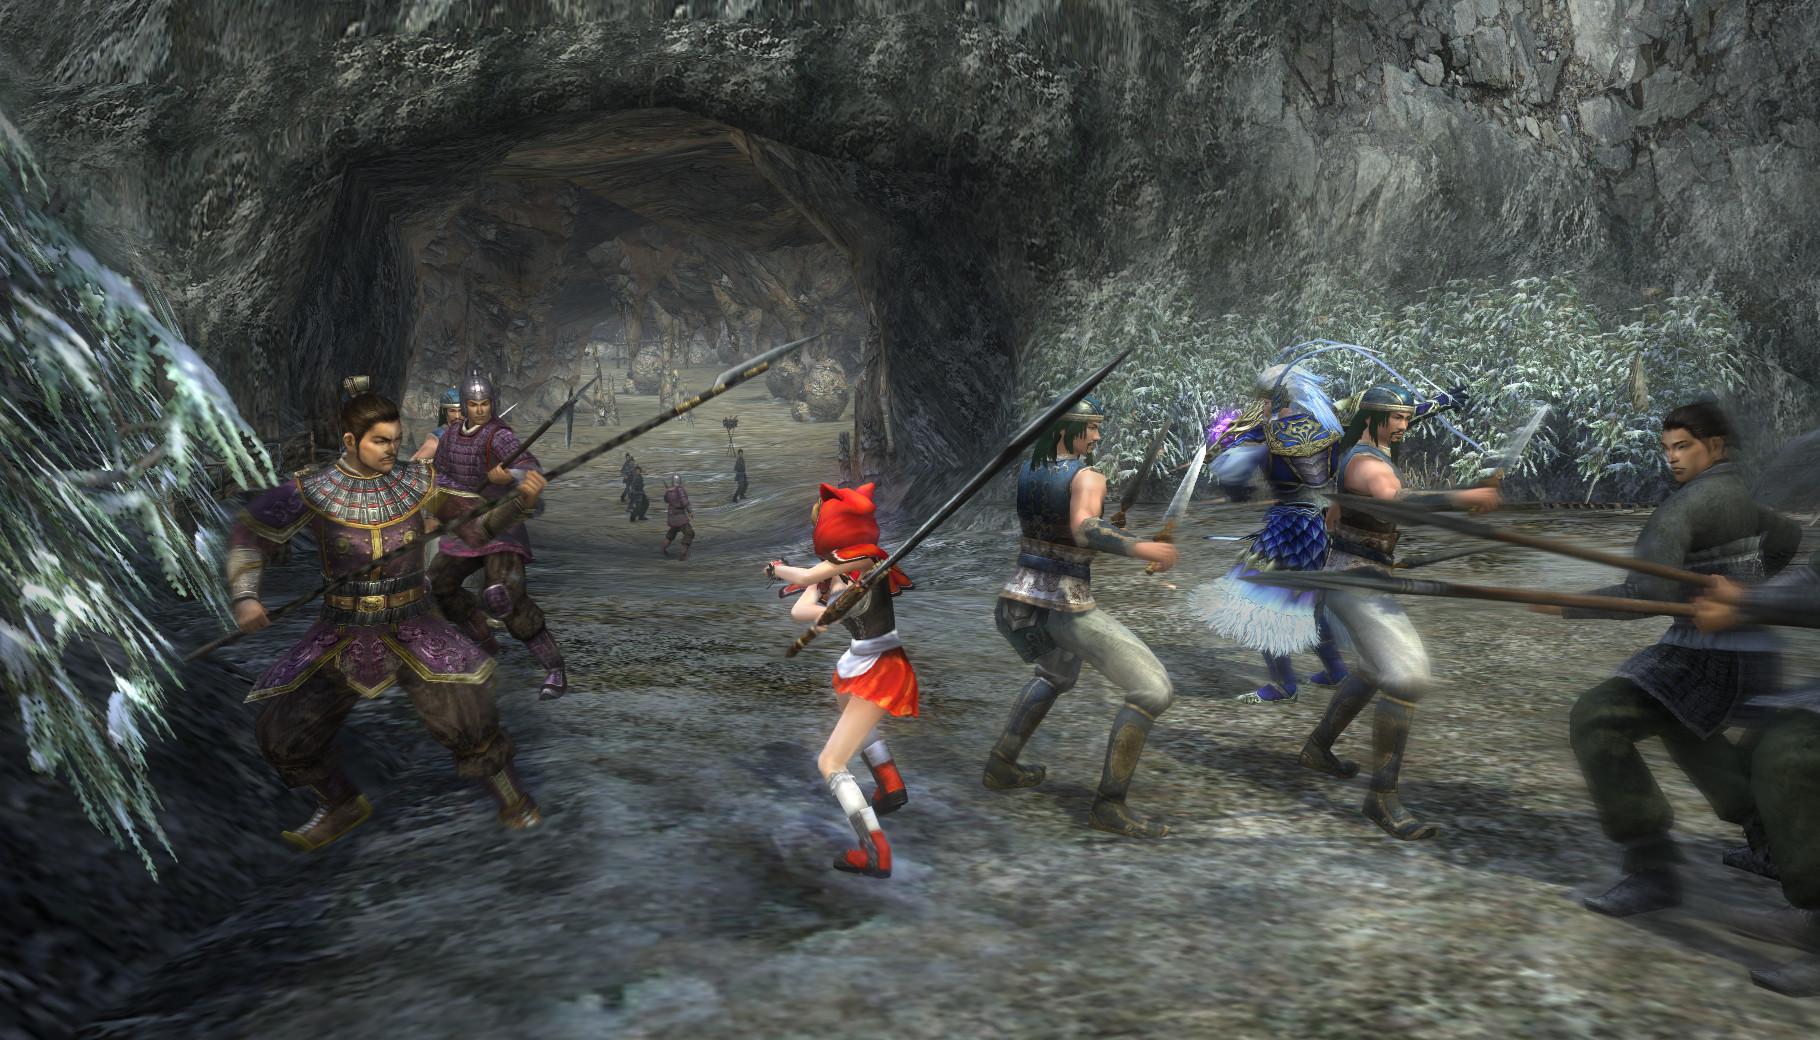 洞窟内は狭く、複雑に入り組んでおり乱戦になること... 『真・三國無双 Online』 乱戦・攻